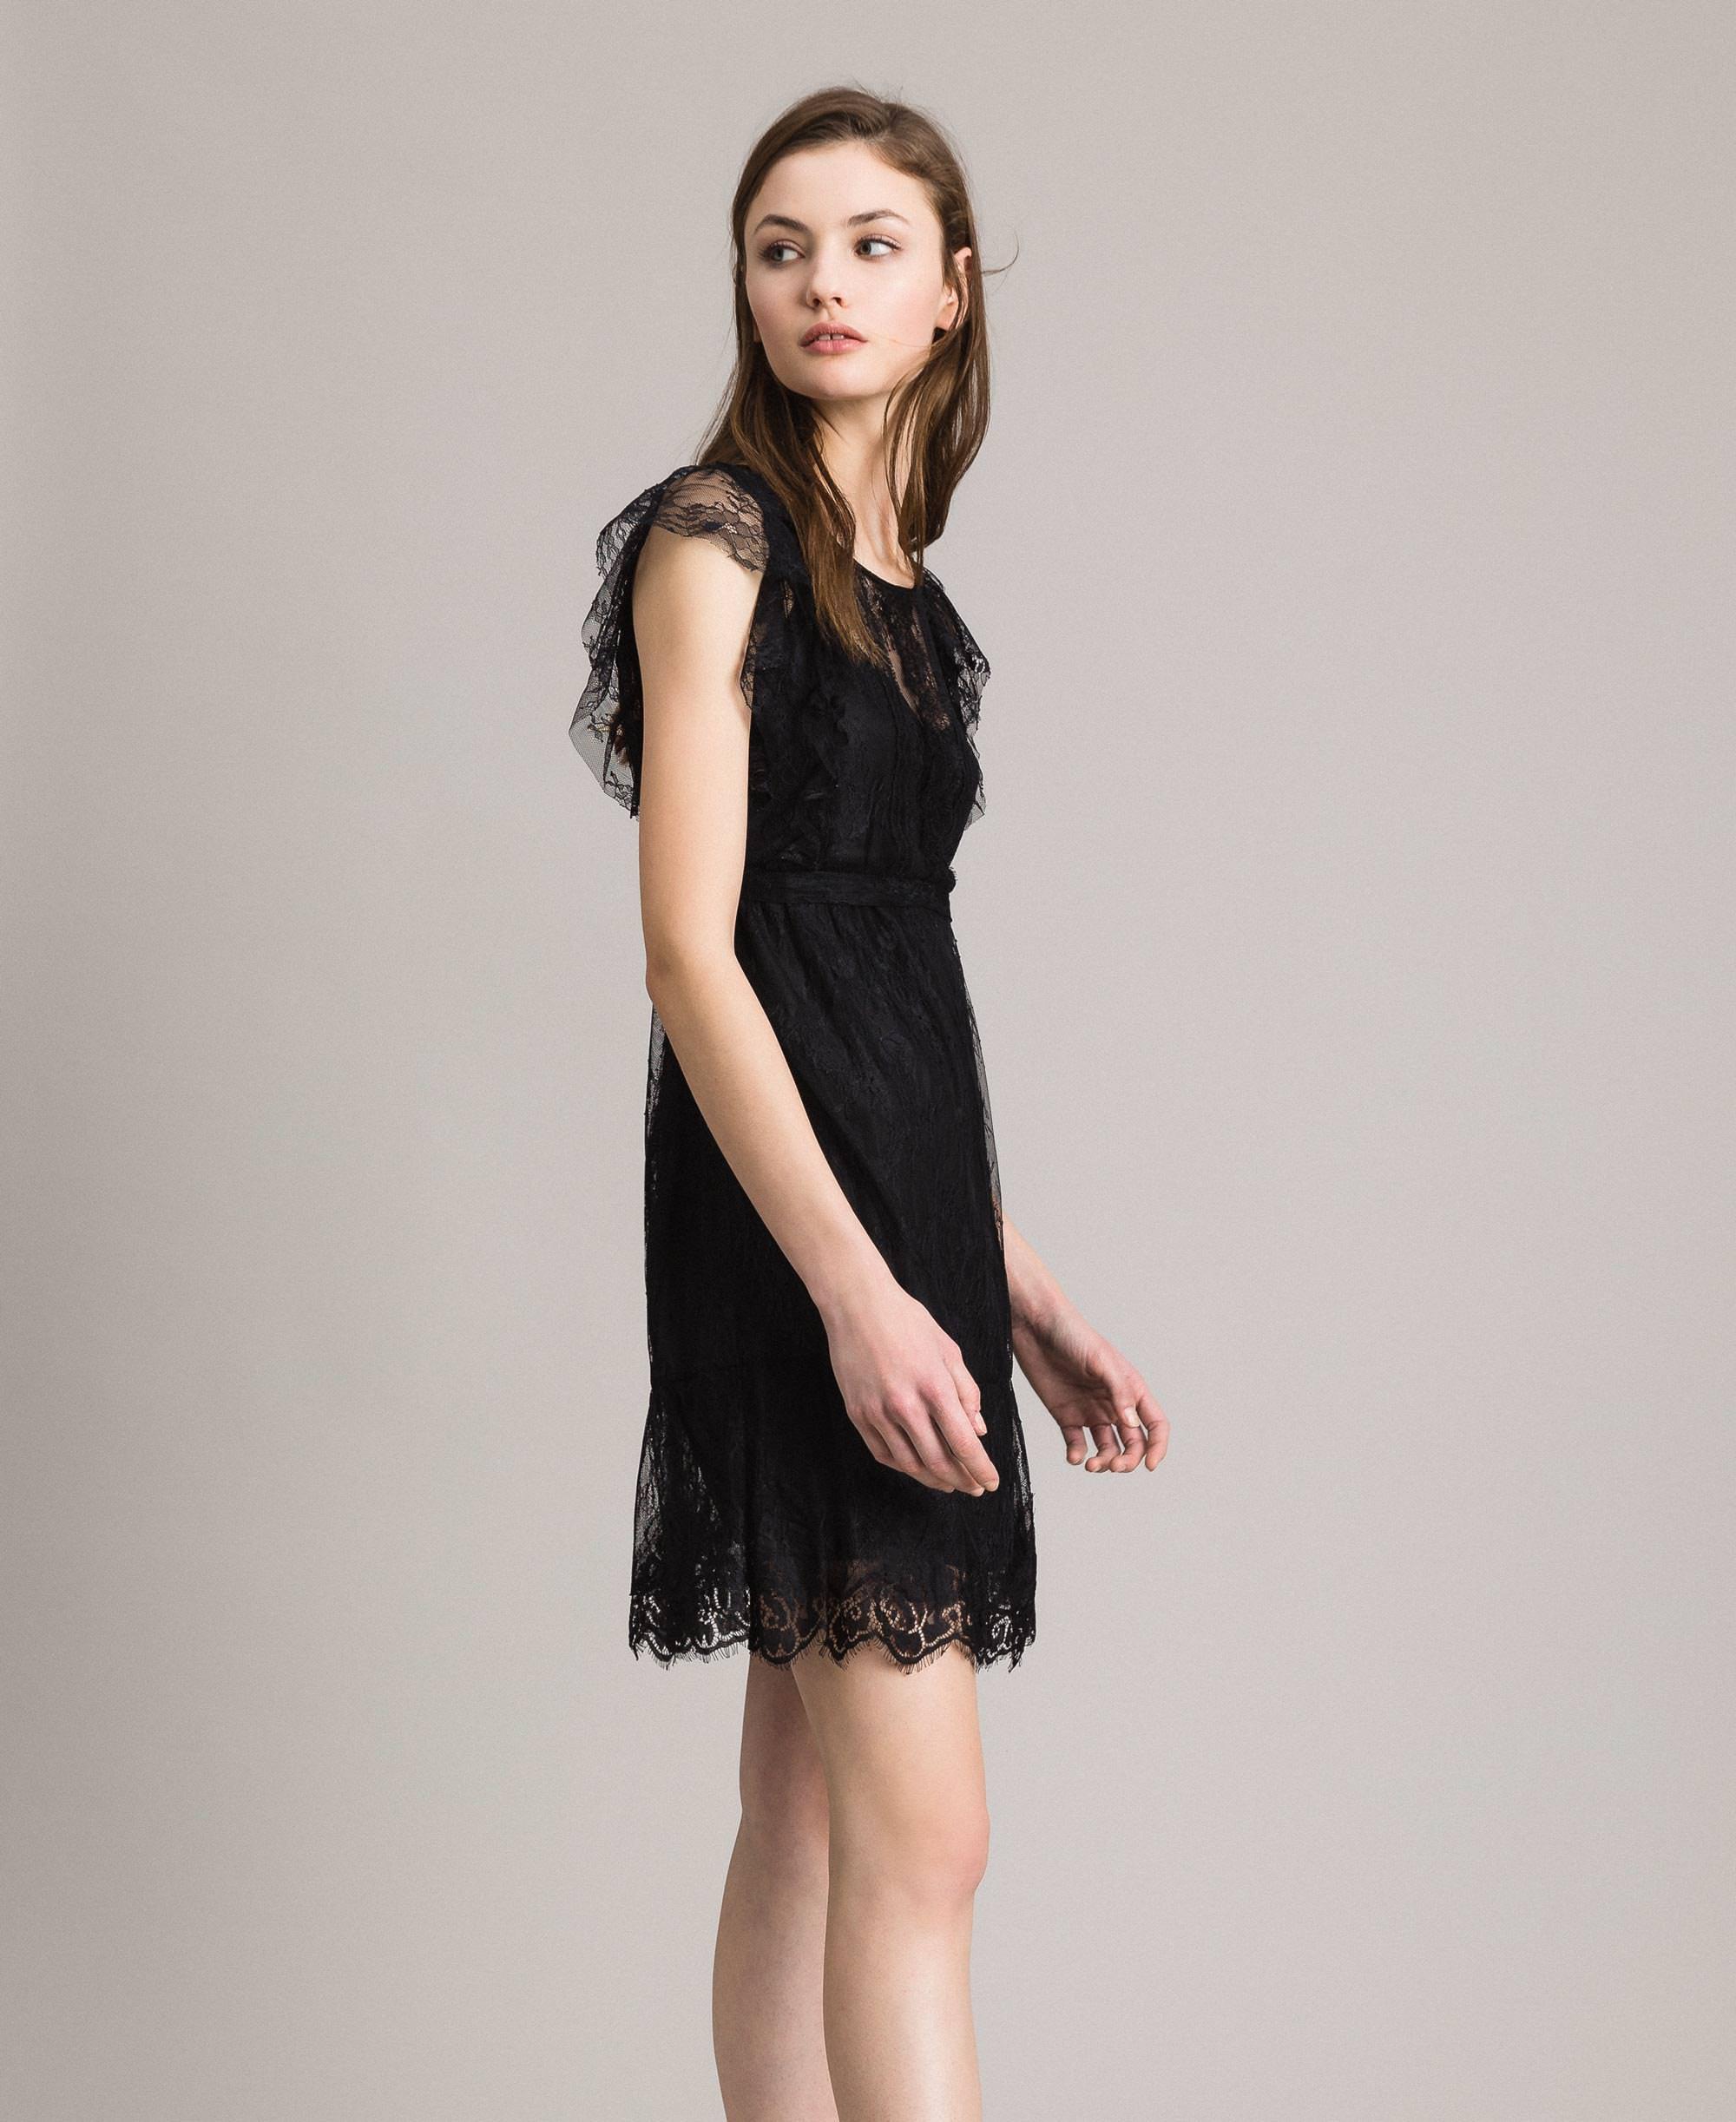 Chantilly Kleid Mit Spitze Und Gurtel